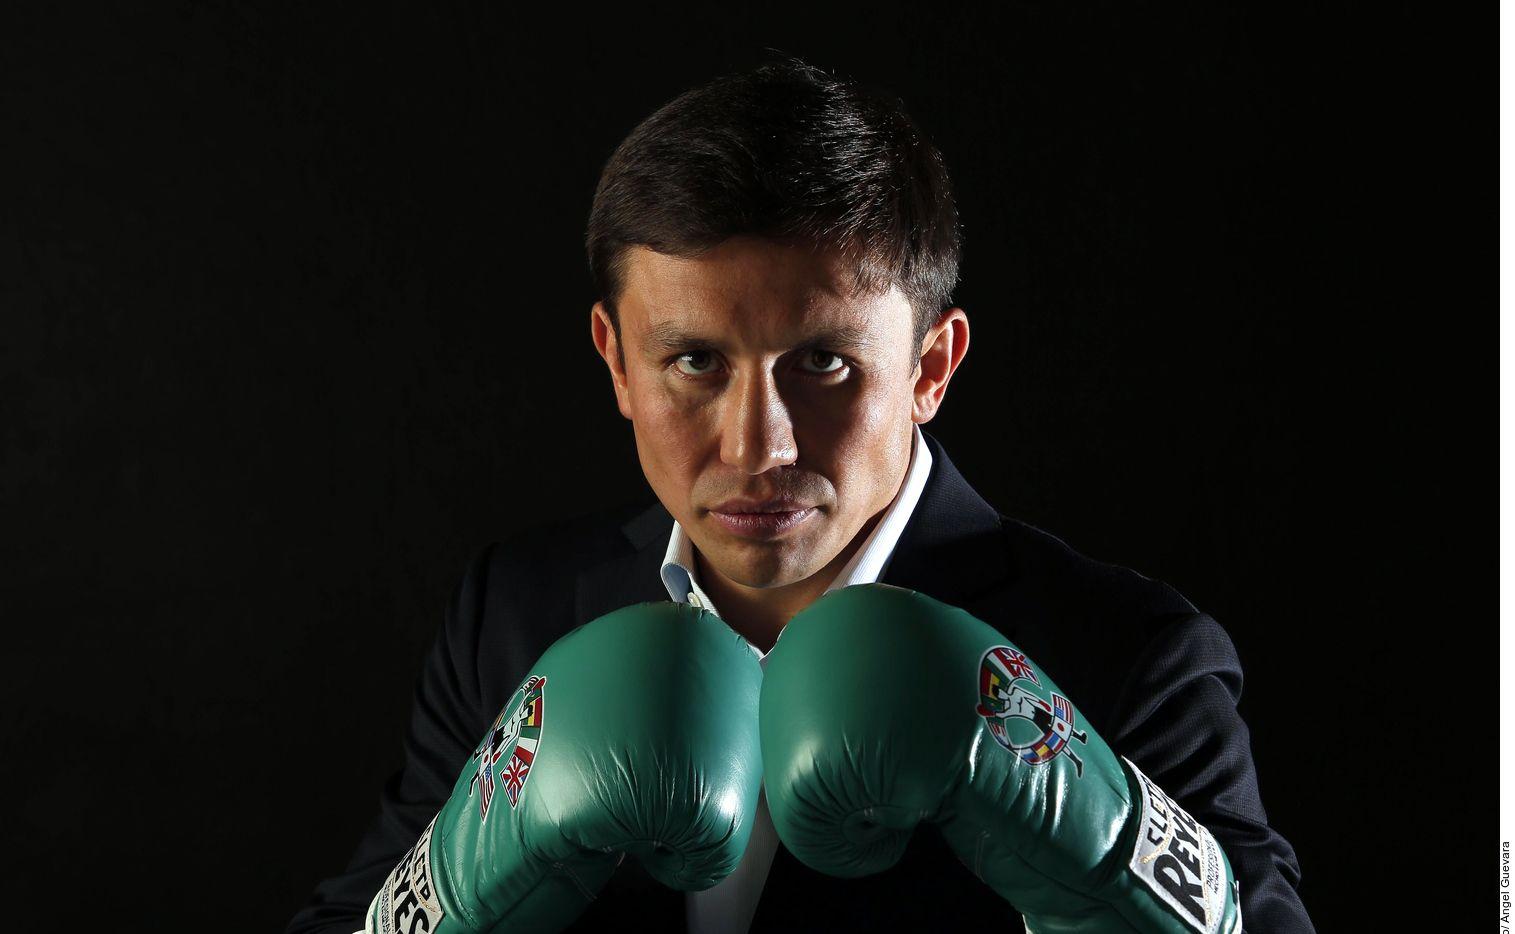 """Gennady Golovkin (foto), de 37 años, tiene su debut con DAZN en junio contra Steve Rolls, y aspira este año a una tercera pelea con Saúl """"Canelo"""" Álvarez. AGENCIA REFORMA"""